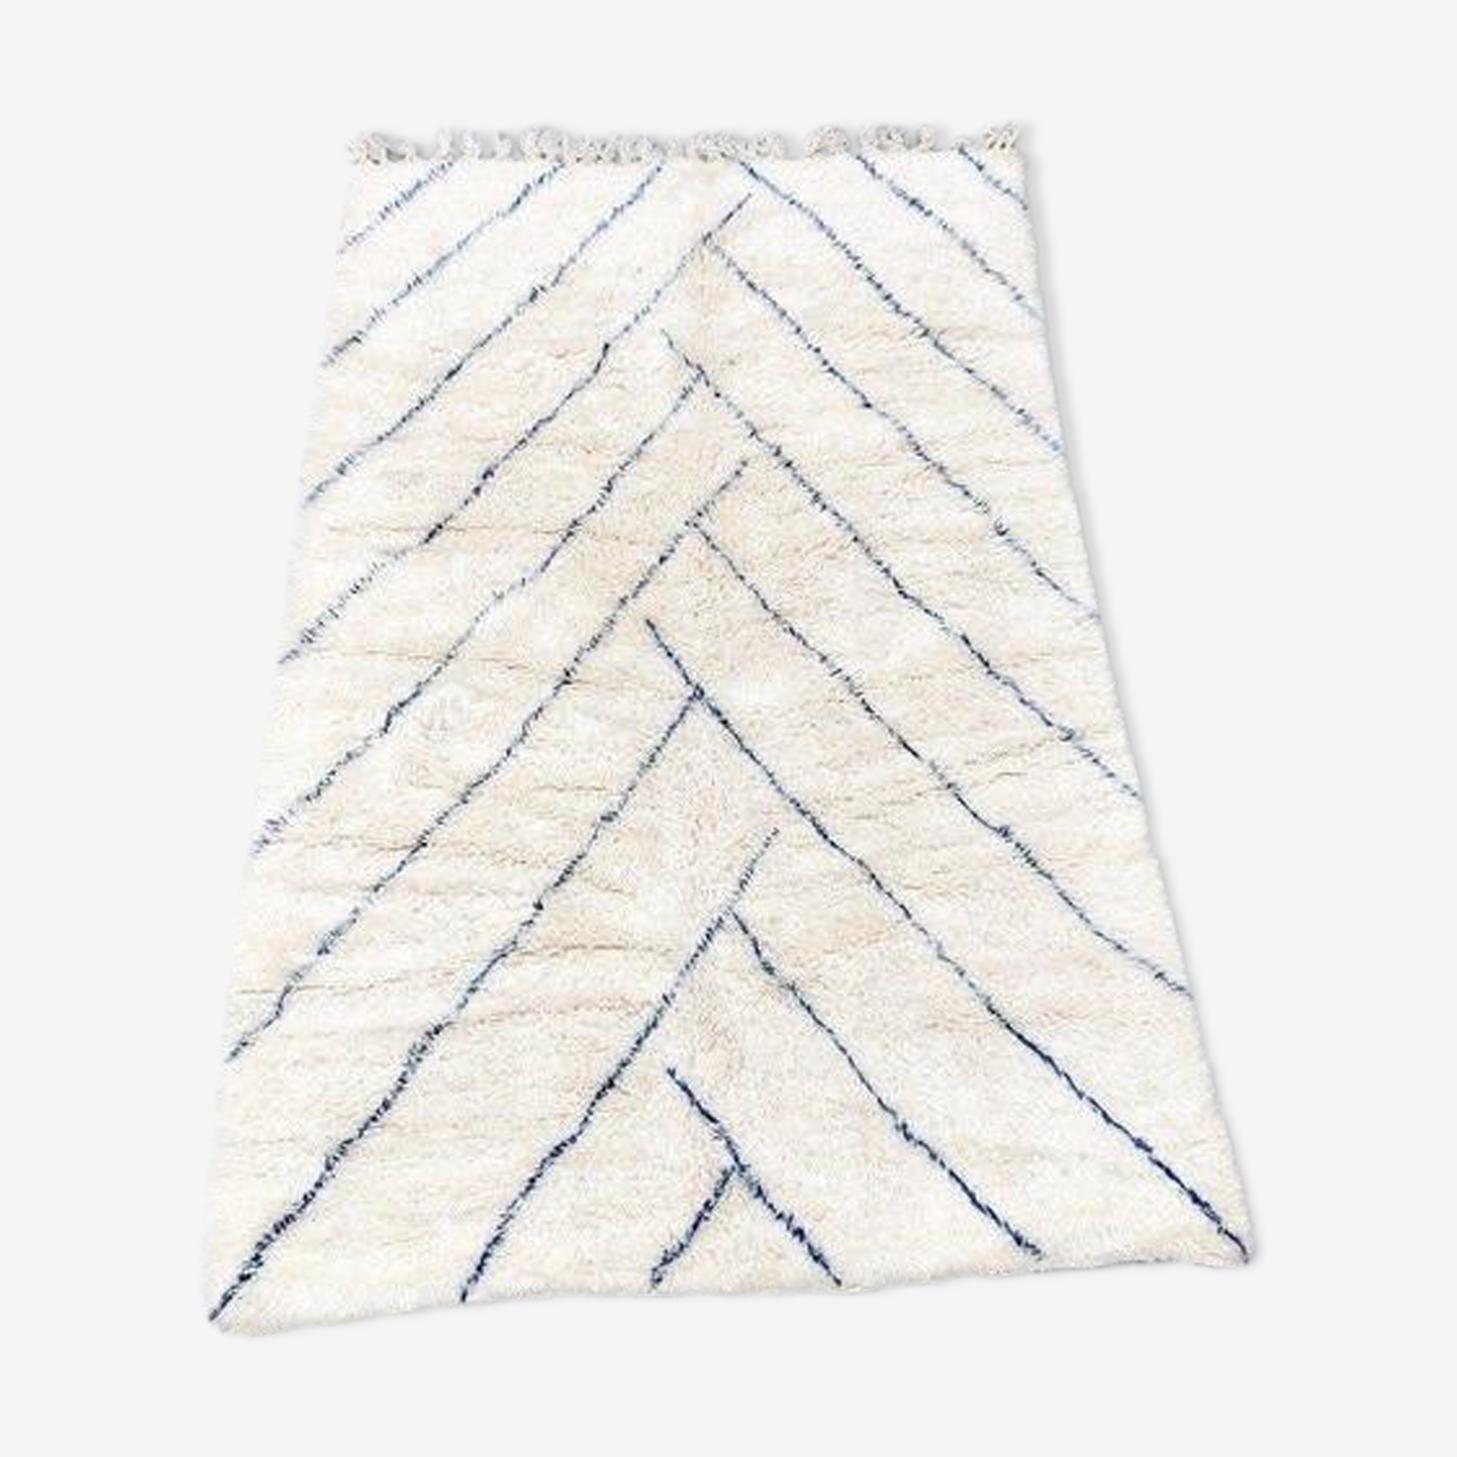 Beni ouarain carpet 250x180cm